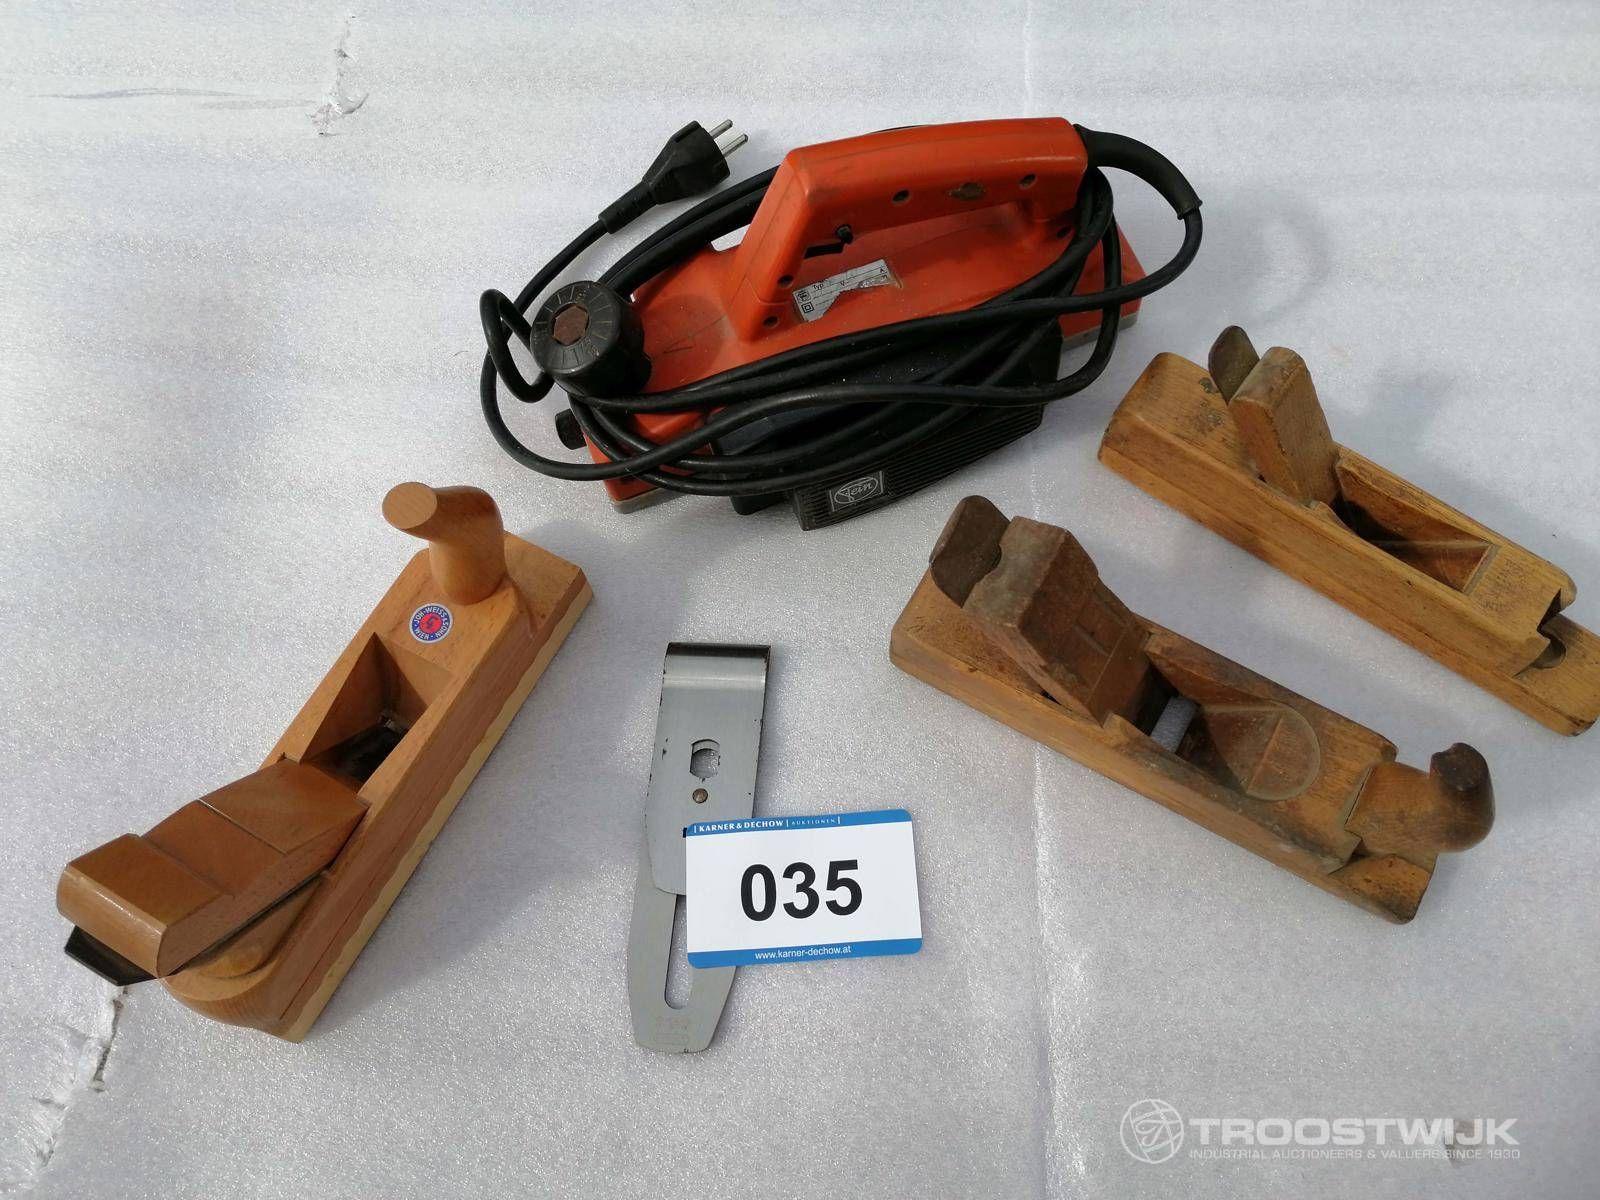 3 Stk. Handhobel, 1 Stk. Elektrohobel